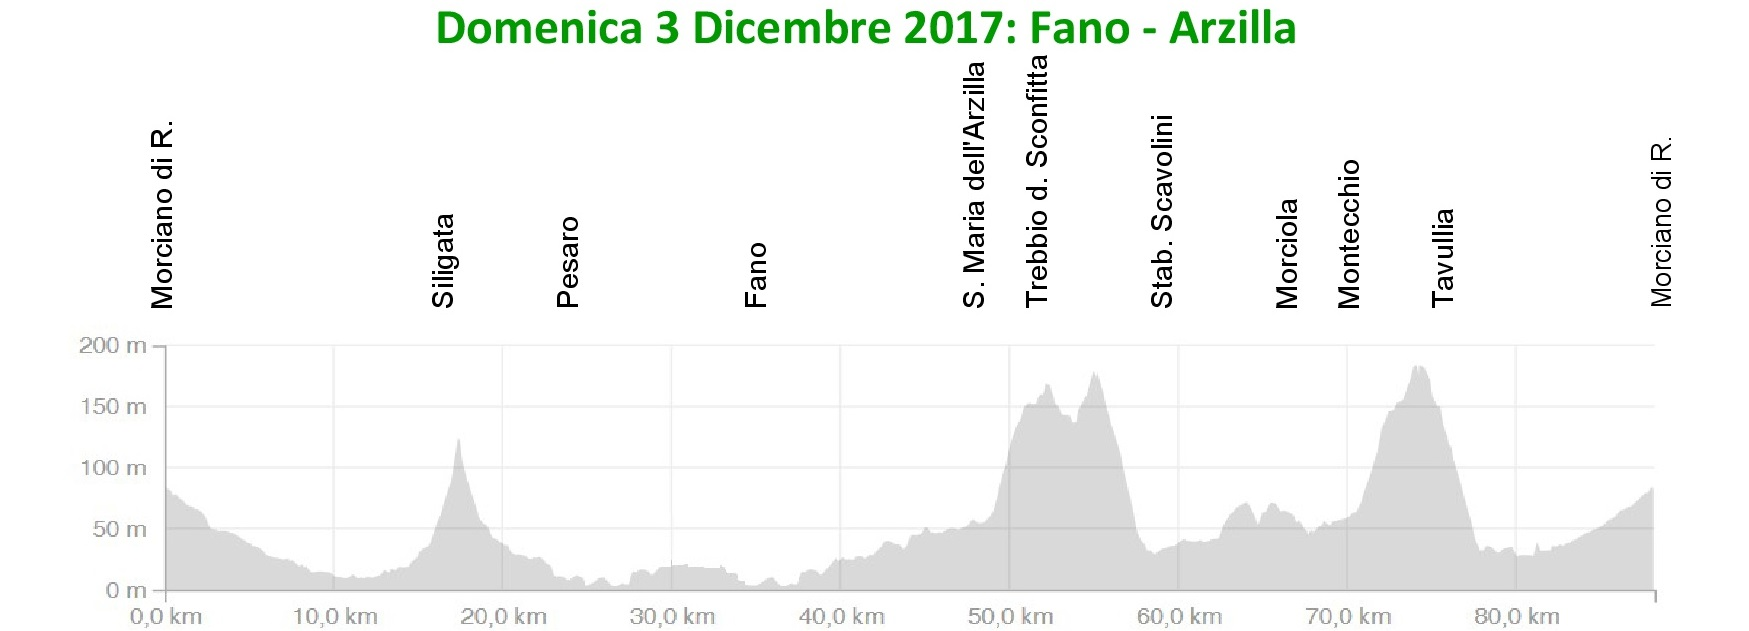 Domenica 3 dic 2017 : Fano-Arzilla